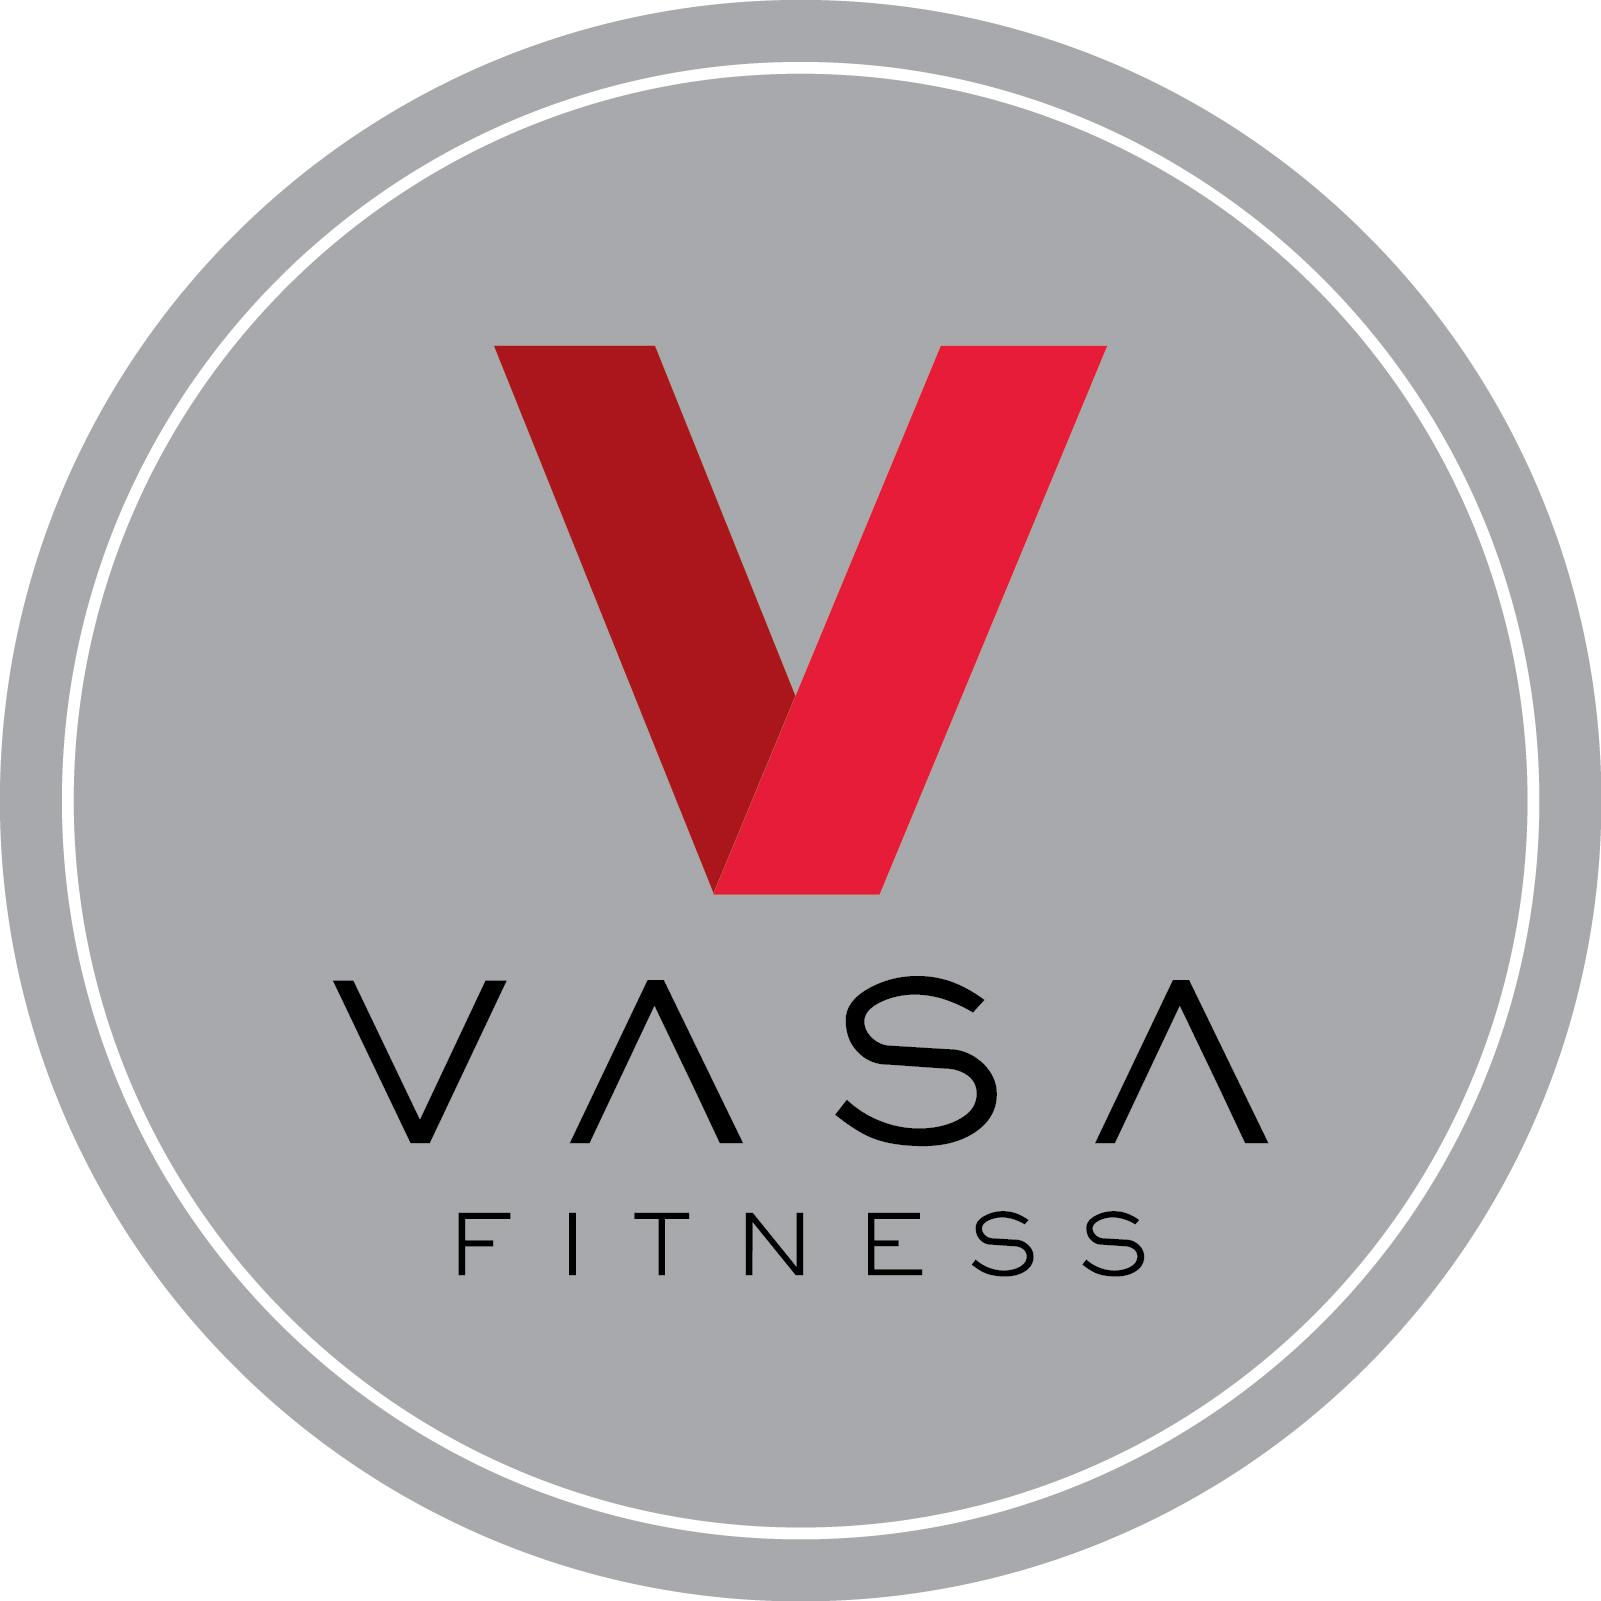 Vasa-_Logo_C-copy.jpg